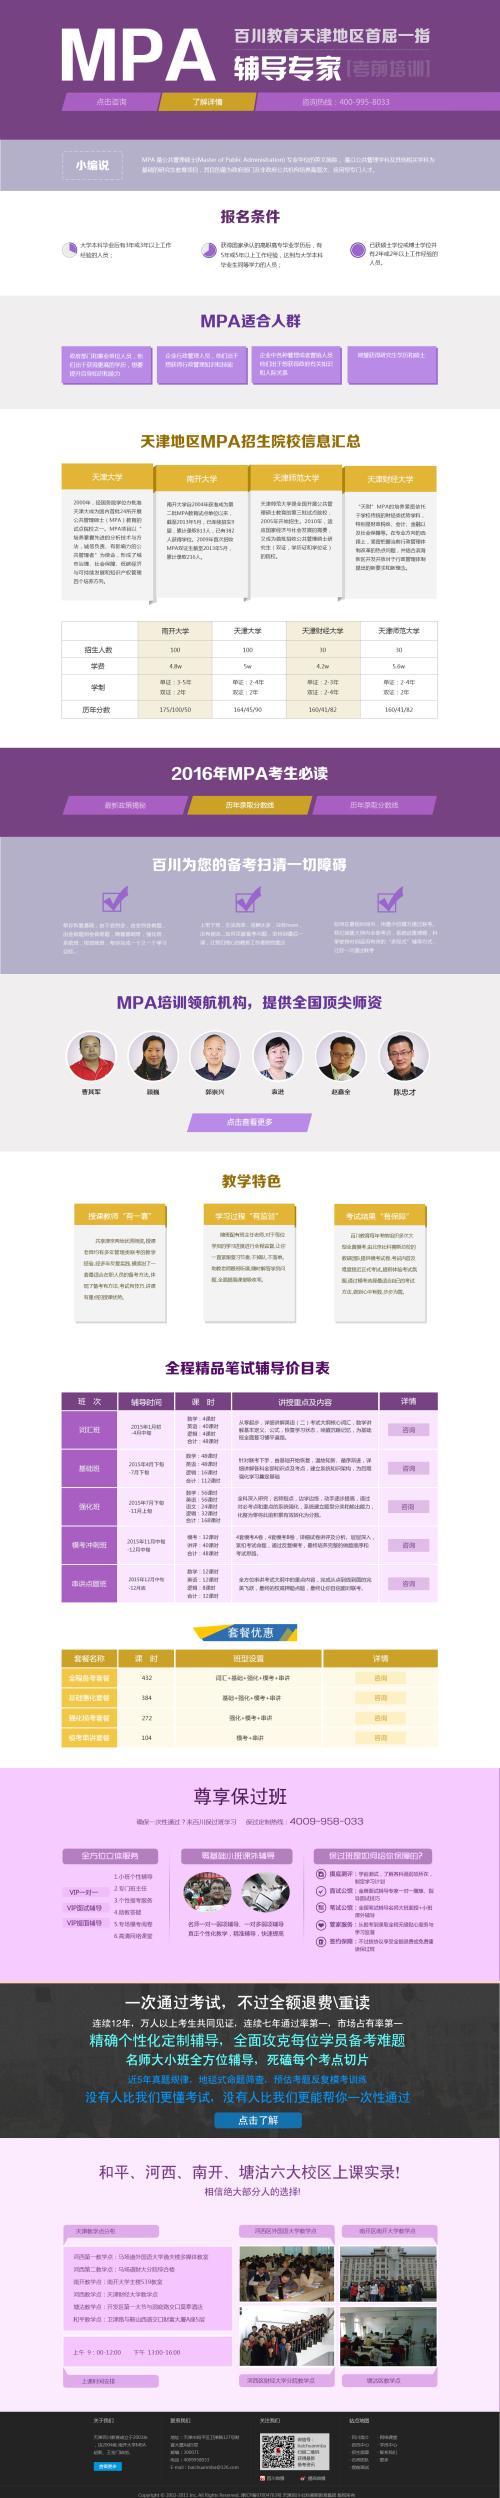 2018年上海海事大学MPA考试时间